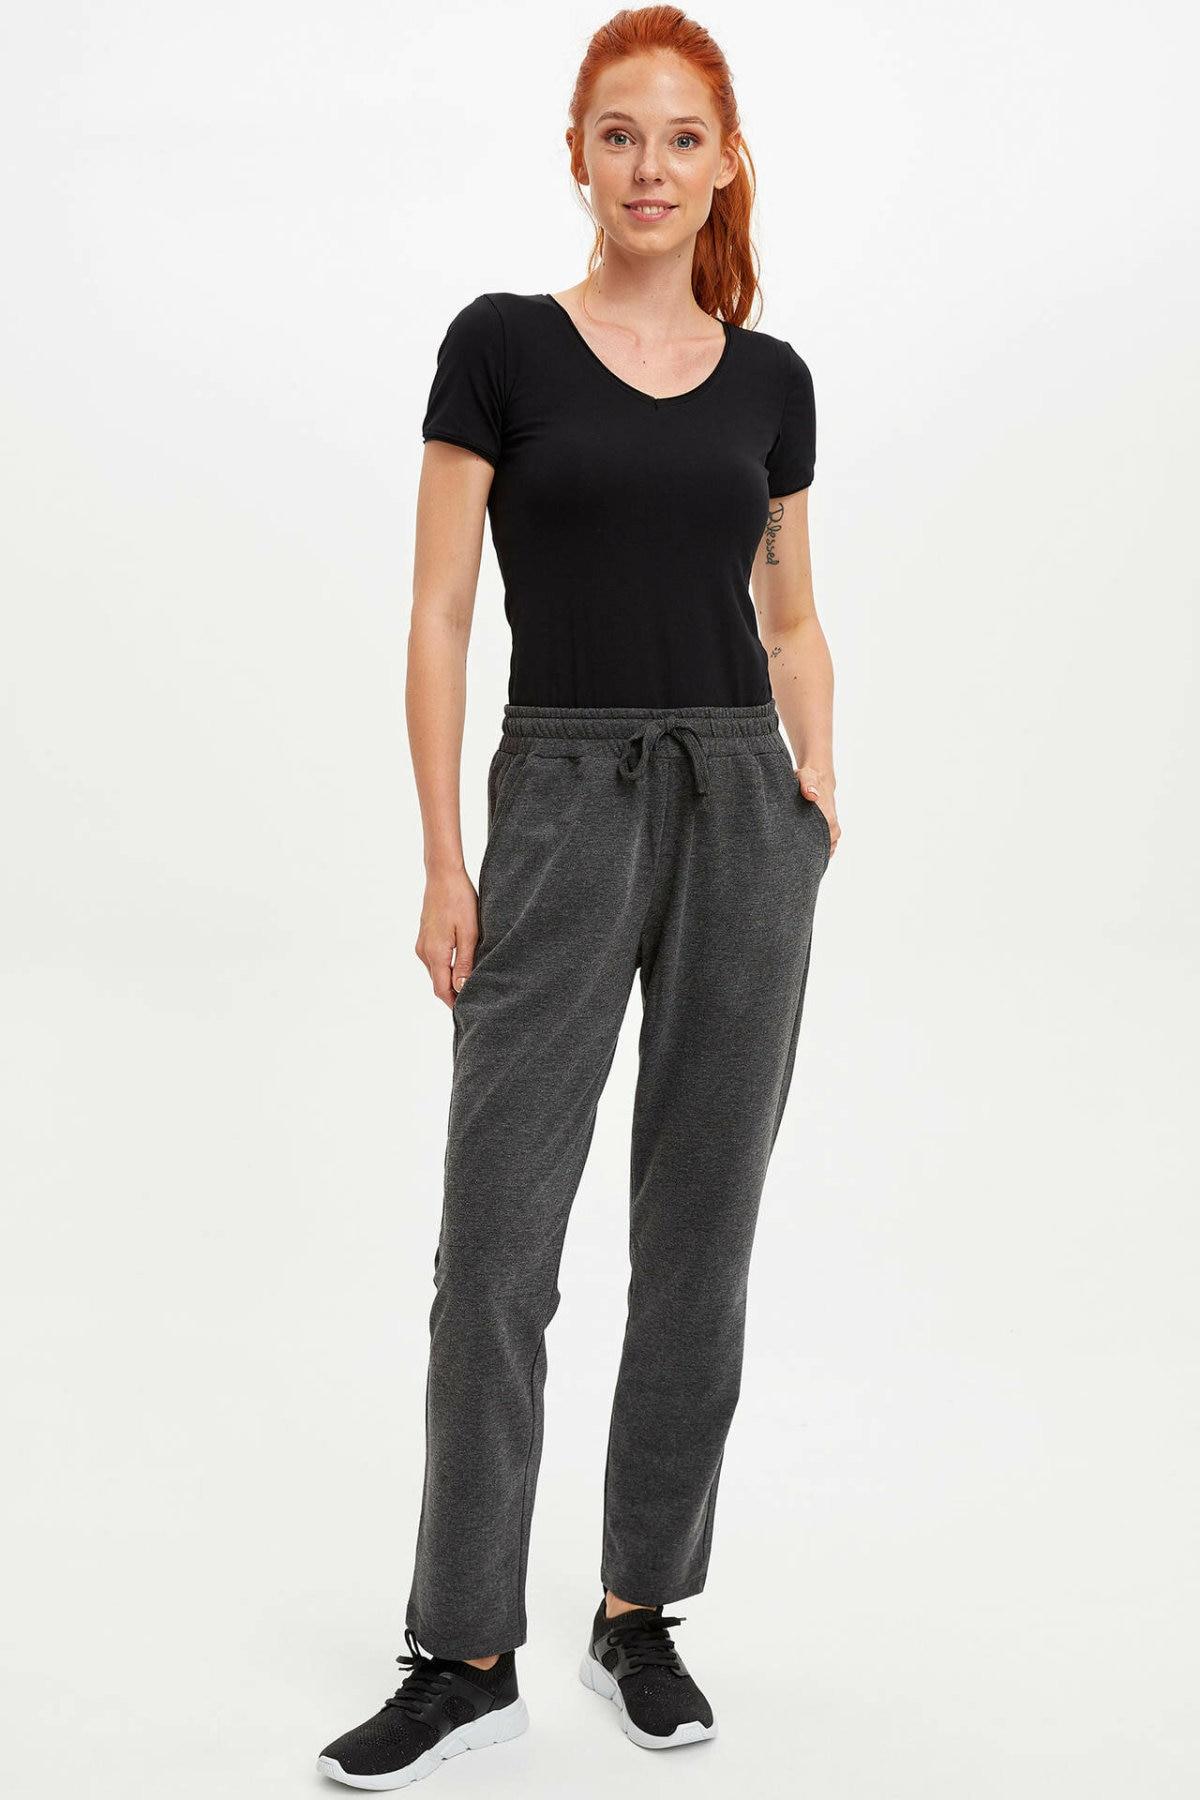 DeFacto Women Casual Loose Grey Long Trousers Female Ankle-length Adjustable Harem Pants Sports Wear-L5488AZ19AU